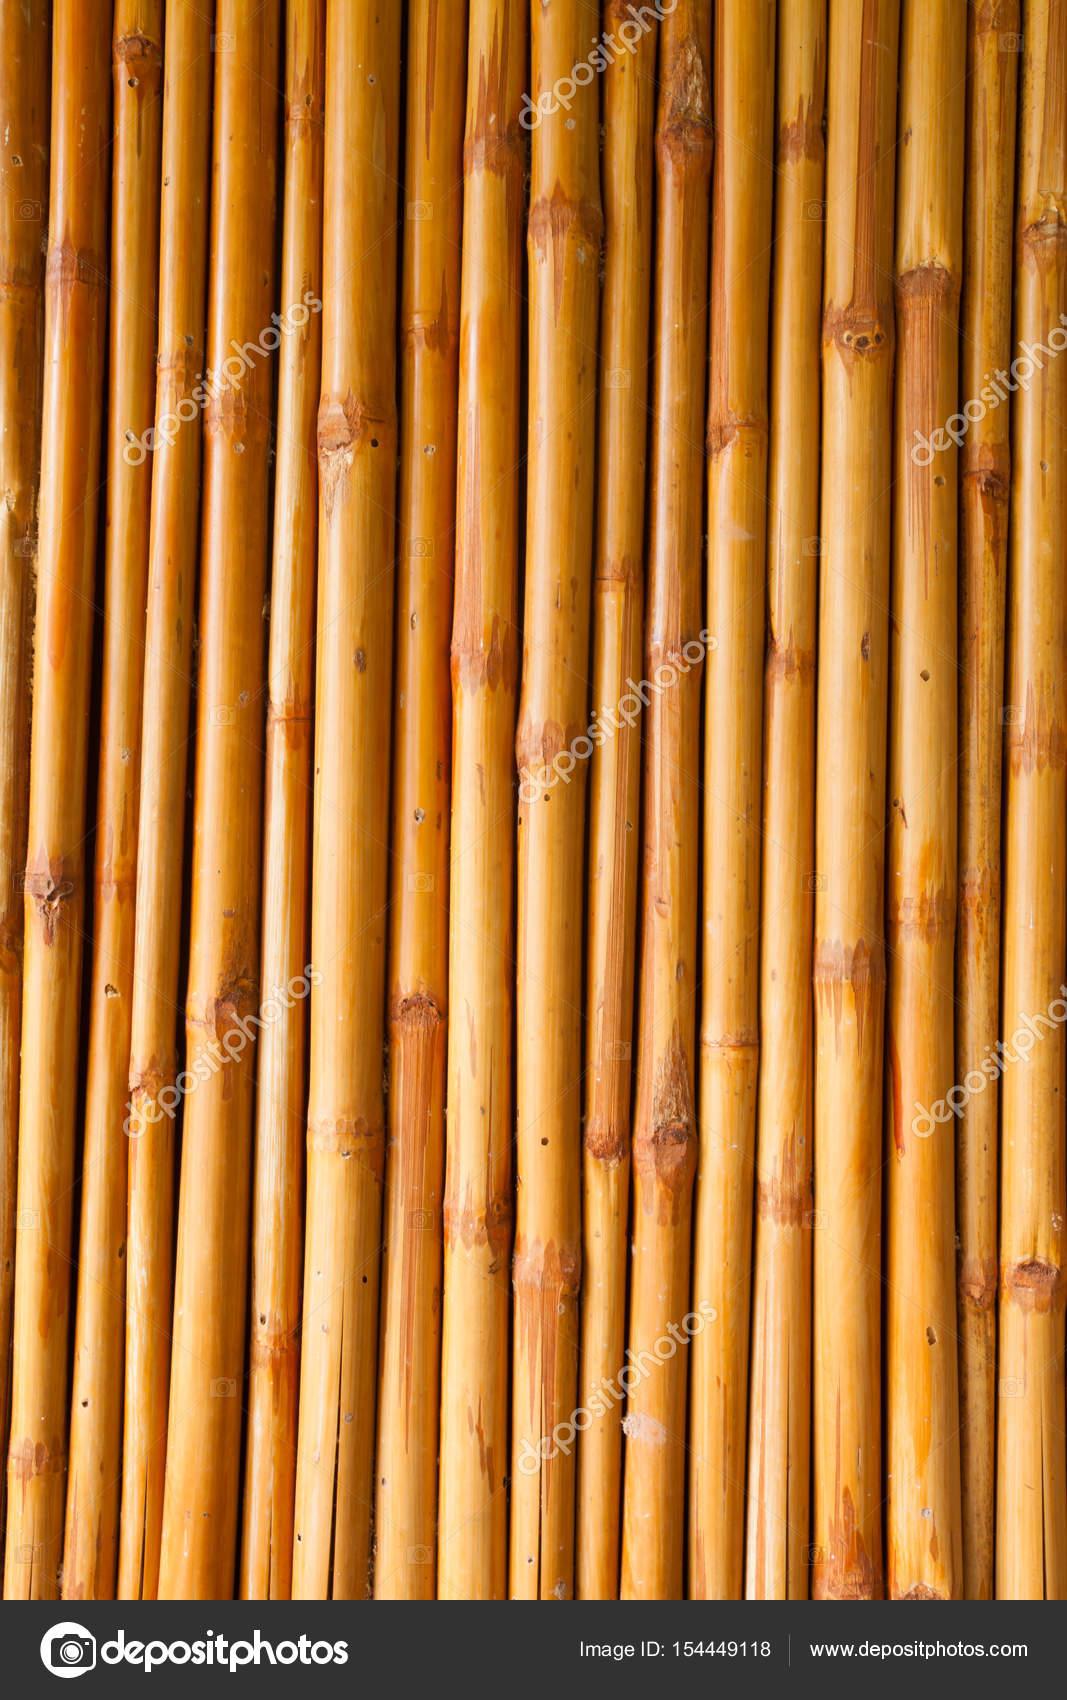 Bambus Zaun Oder Eine Wand Textur Hintergrund Fur Innen Oder Aussen